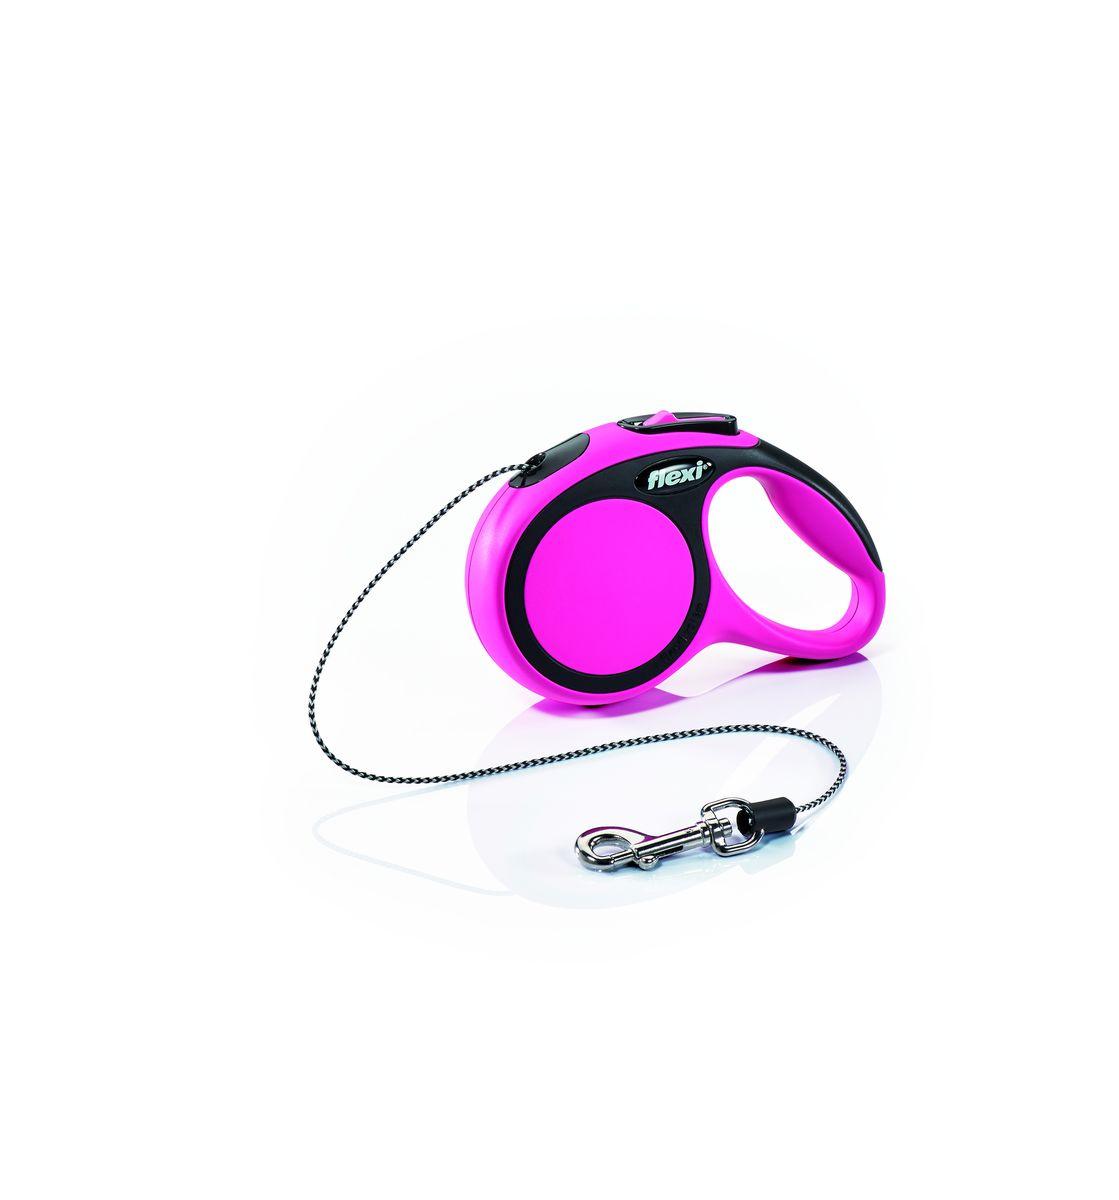 Поводок-рулетка Flexi New Comfort, трос, для собак весом до 8 кг, цвет: черный, розовый, 3 м. Размер XS28711Тросовый поводок-рулетка Flexi New Comfort обеспечивает каждой собаке свободу движения, что идет на пользу здоровью и радует вашего четвероногого друга. Рулетка очень проста в использовании. Оснащена кнопками кратковременной и постоянной фиксации. Прочный корпус, хромированная застежка и светоотражающие элементы.Длина: 3 м.Для собак весом до 8 кг.